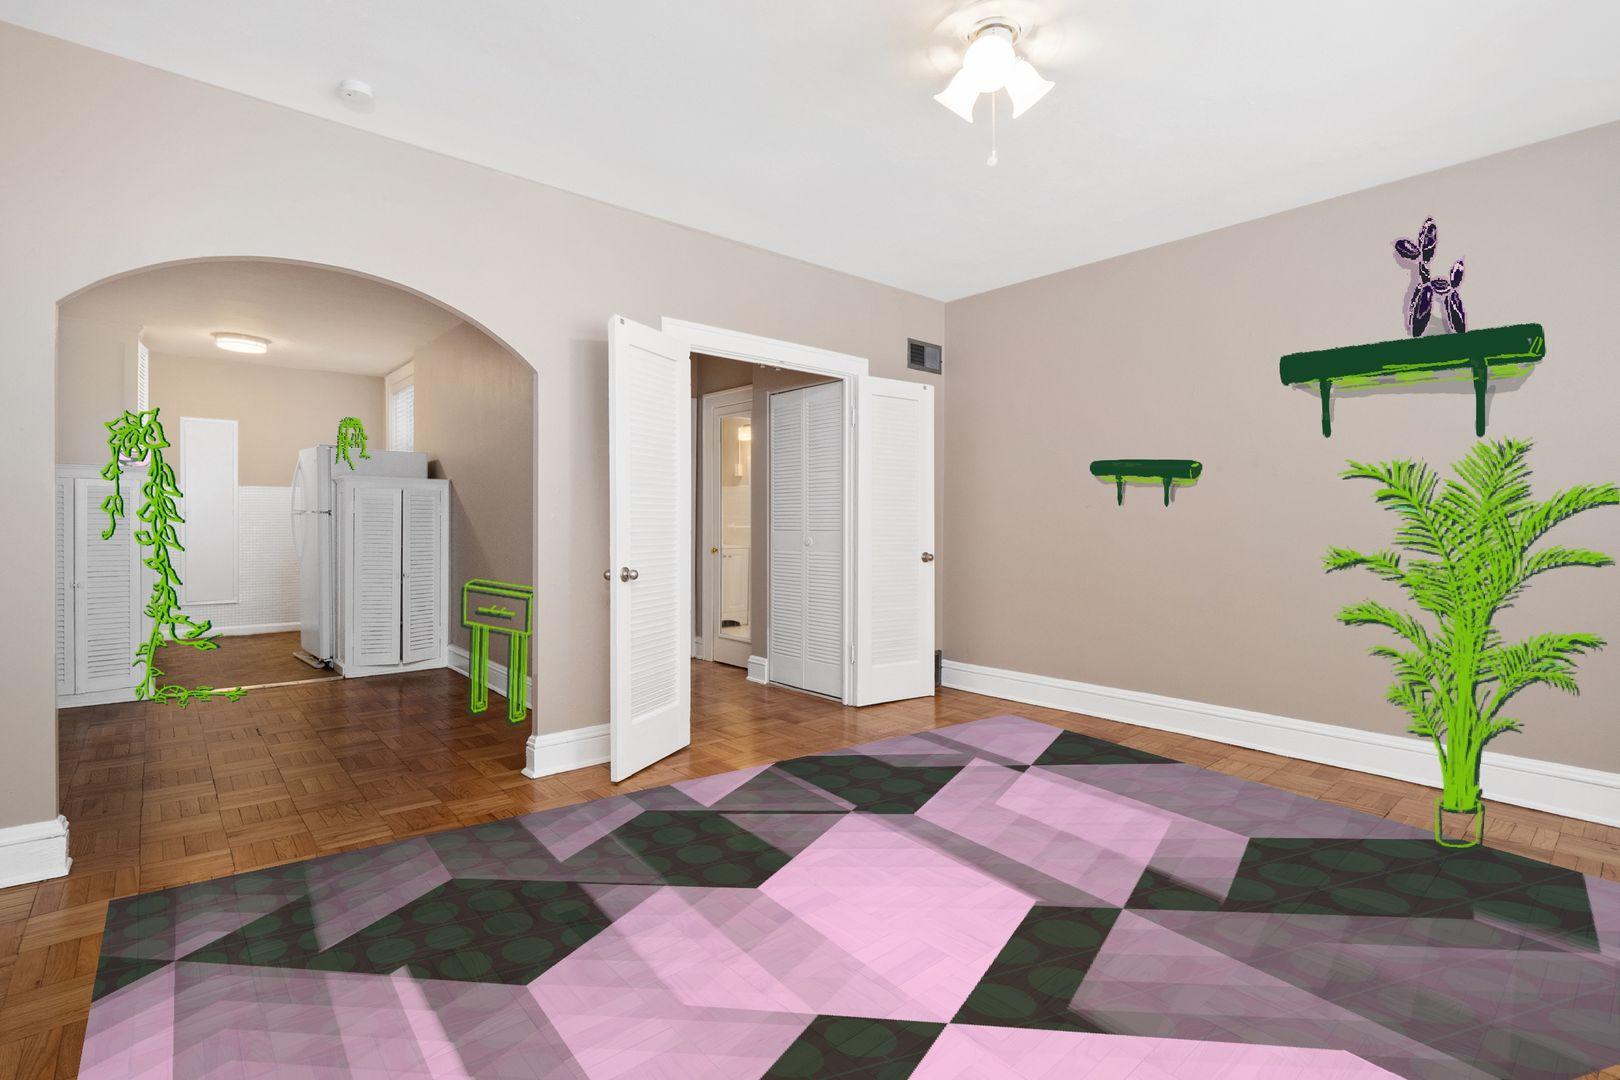 studio apartment with decor illustrations superimposed